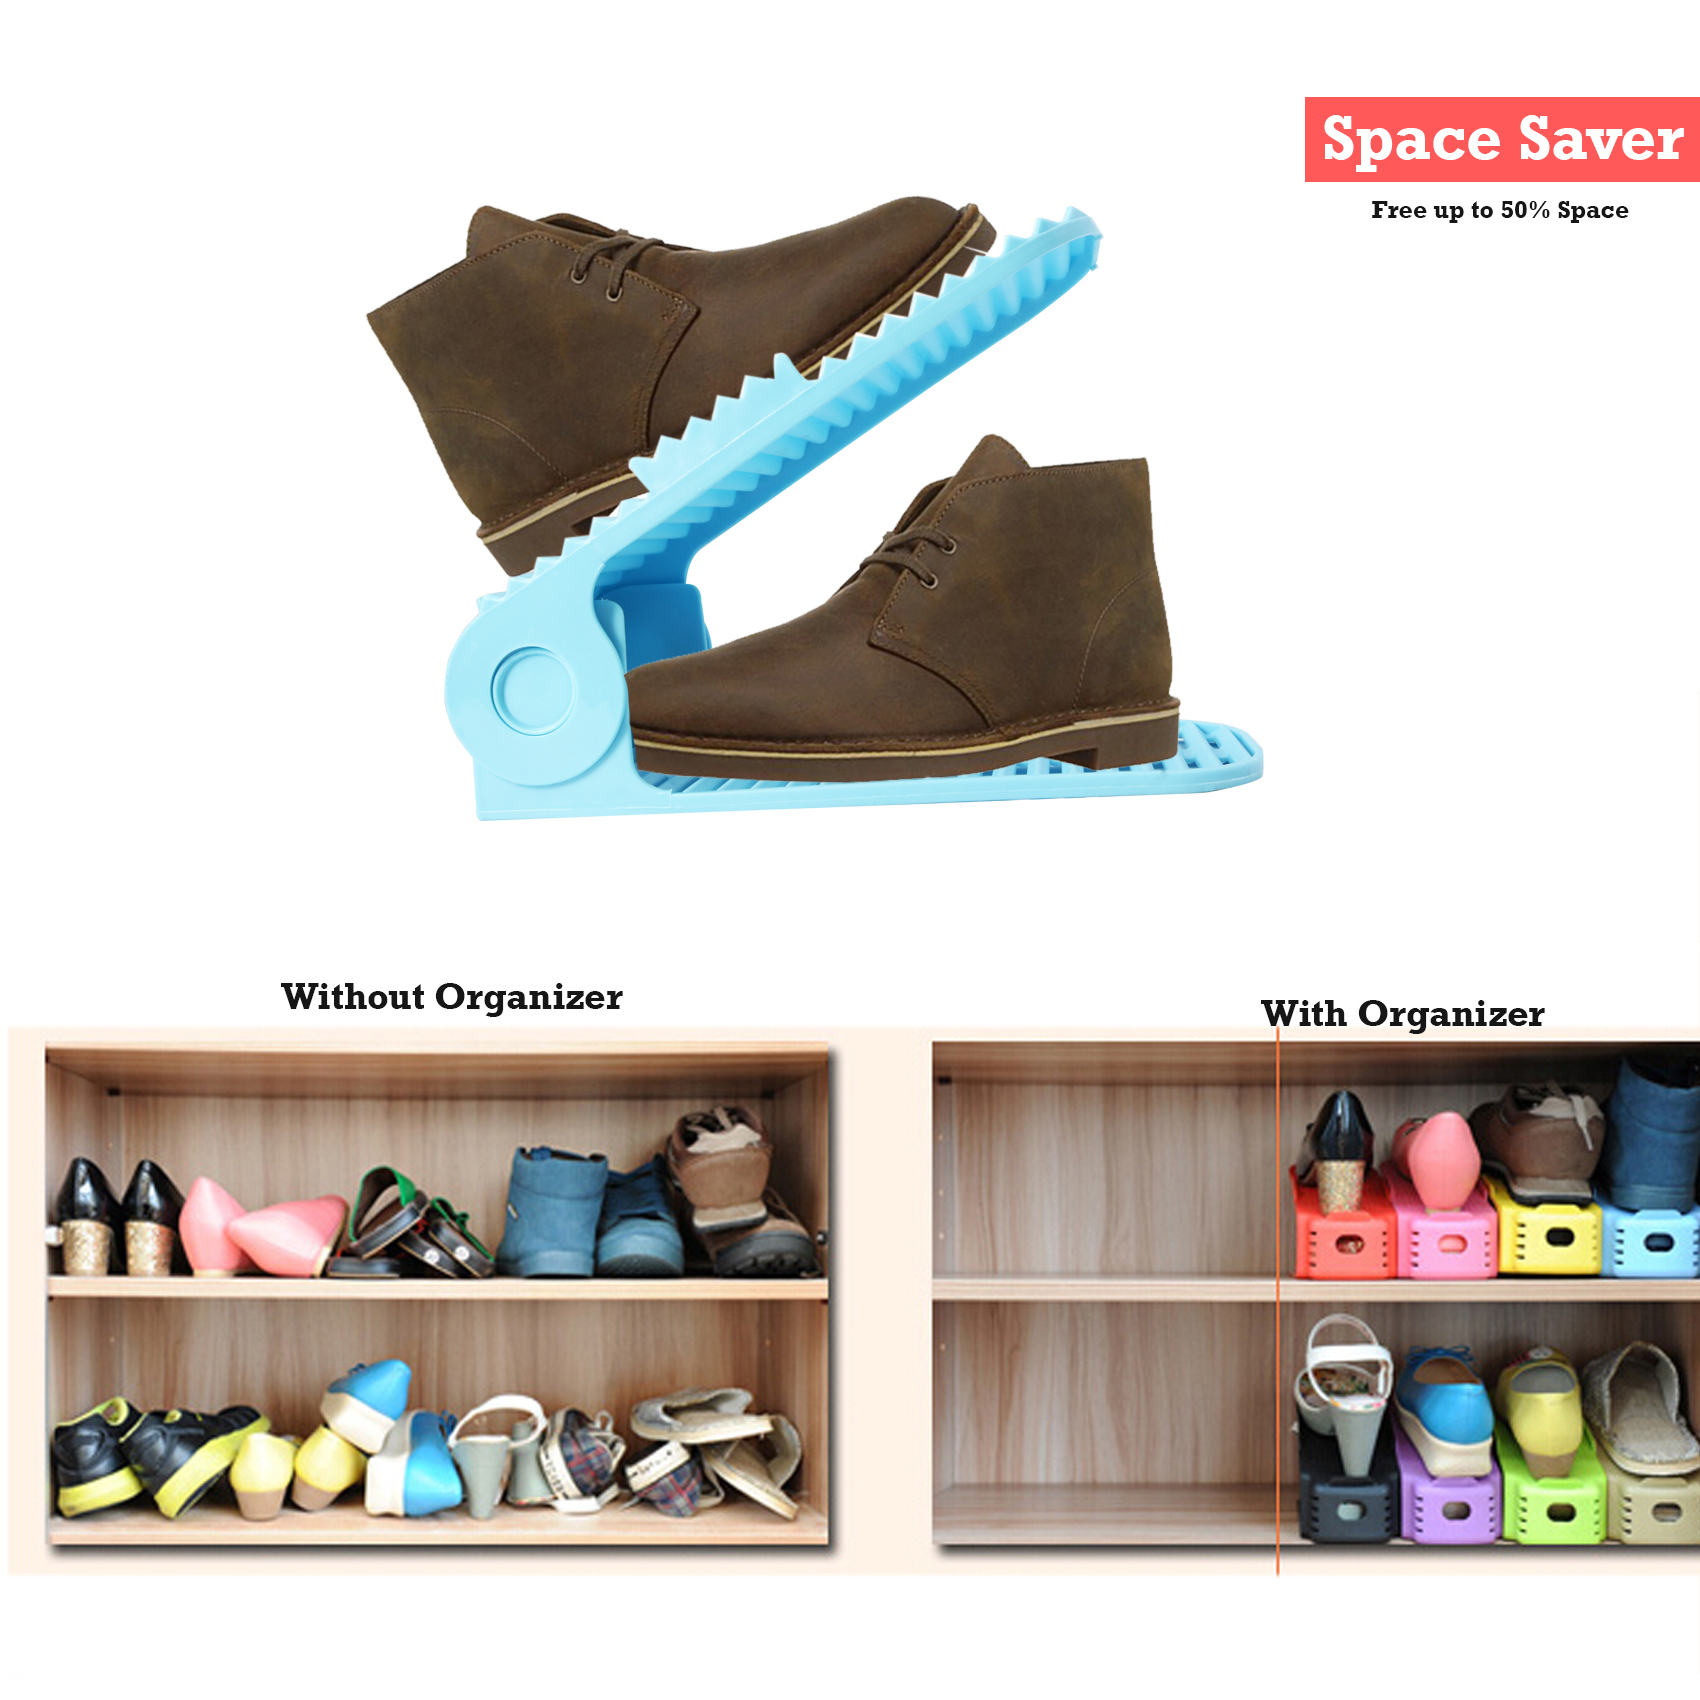 2 Pieces Adjustable Double Deck Shoe Rack Organizer 21 cm - Blue